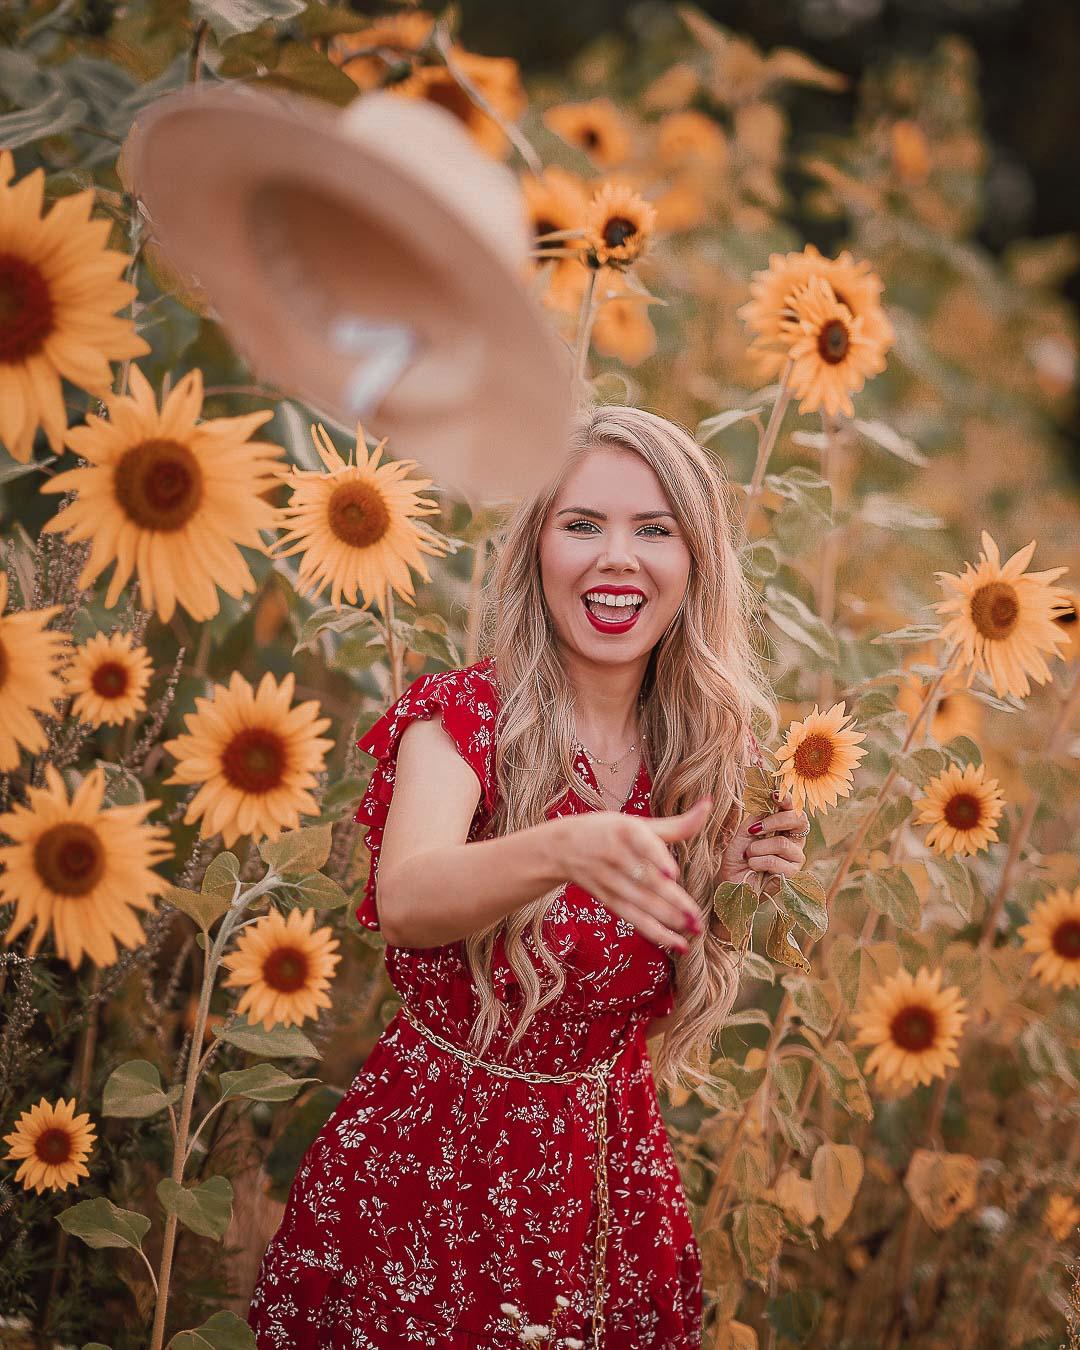 Sonnenblumen Fotoidee